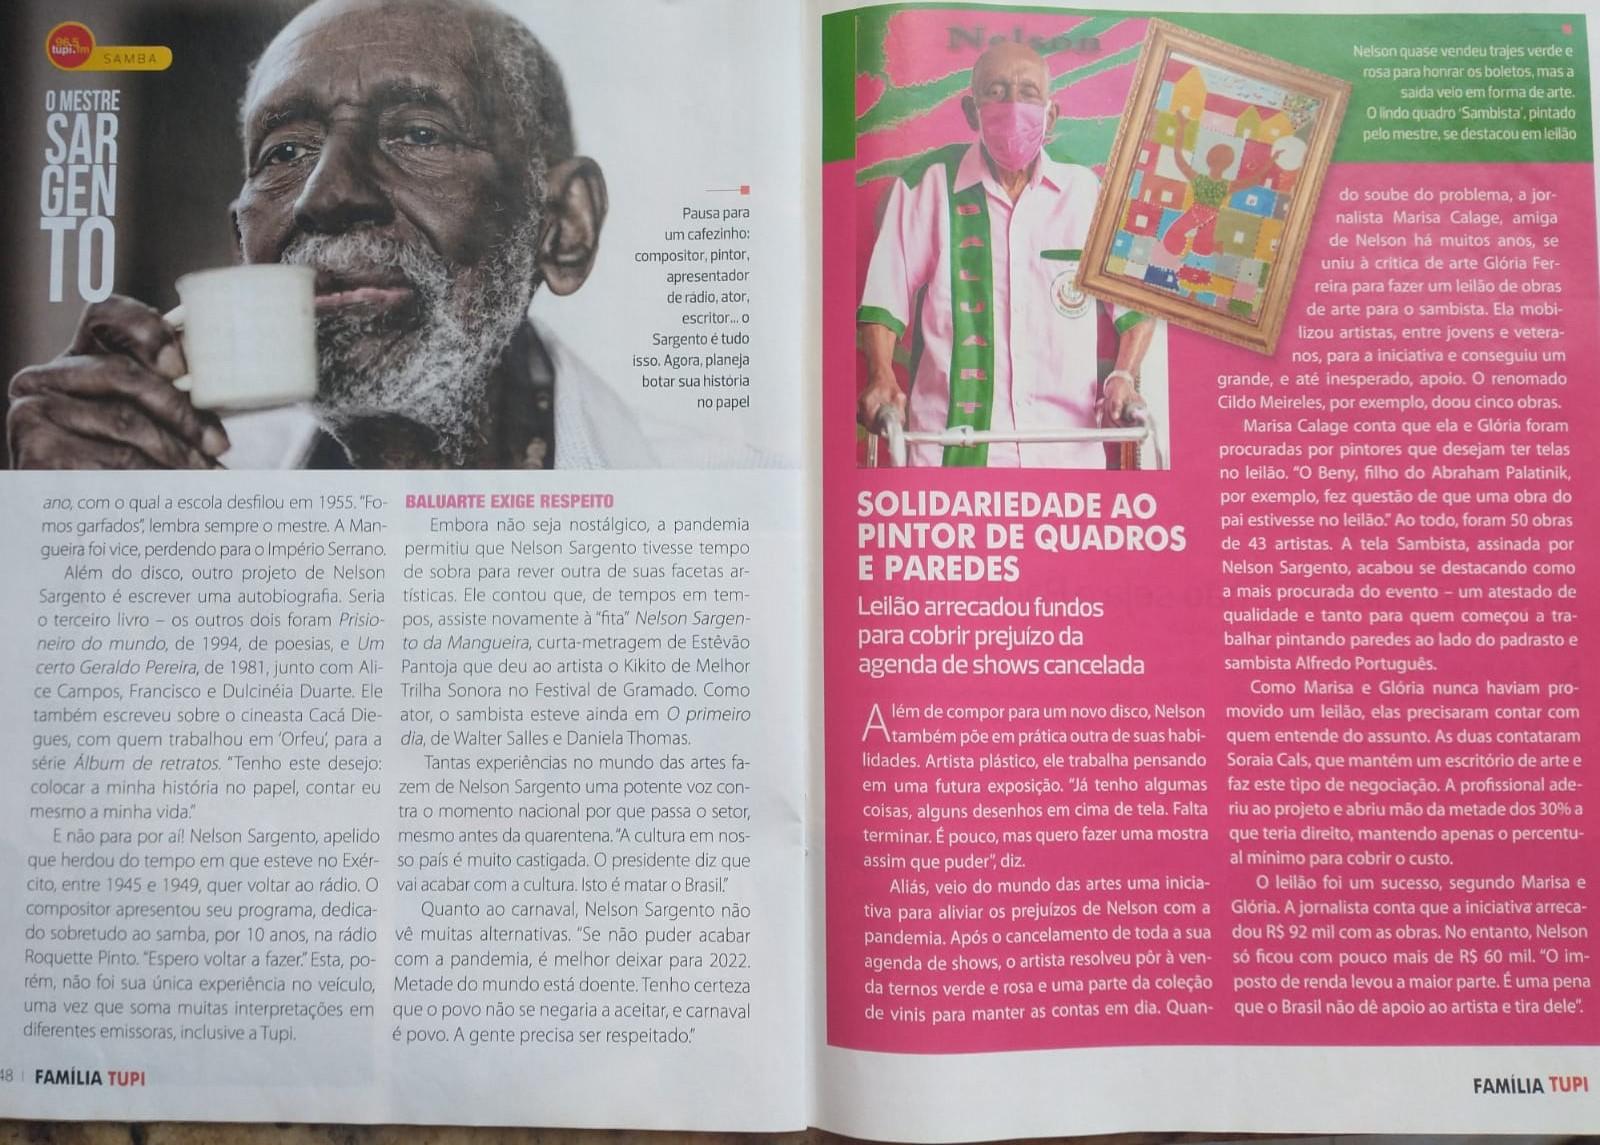 entrevista de Nelson Sargento para a revista Família Tupi